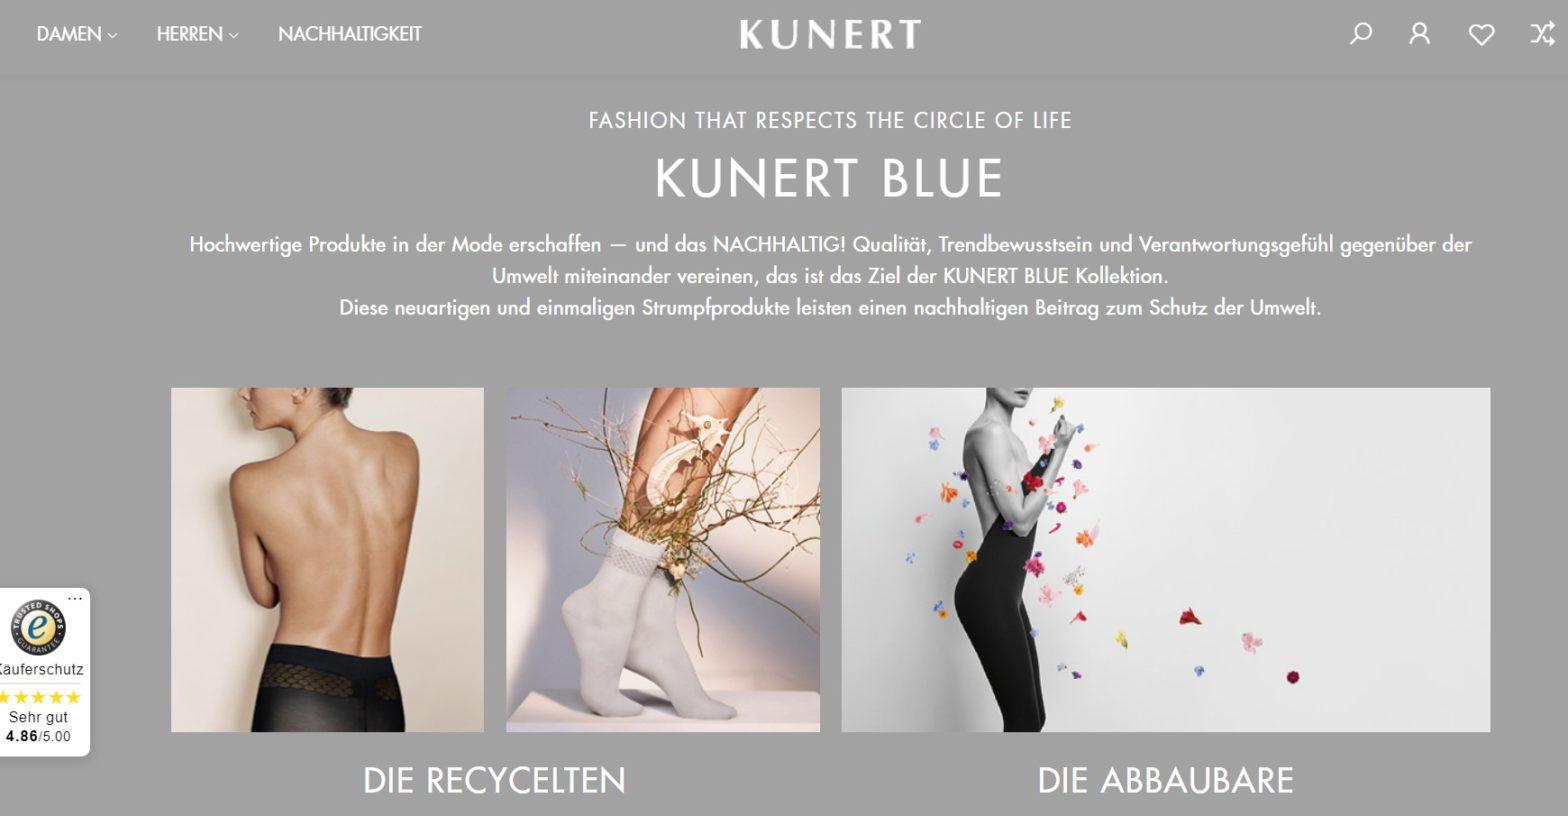 kunert 2021 online shop